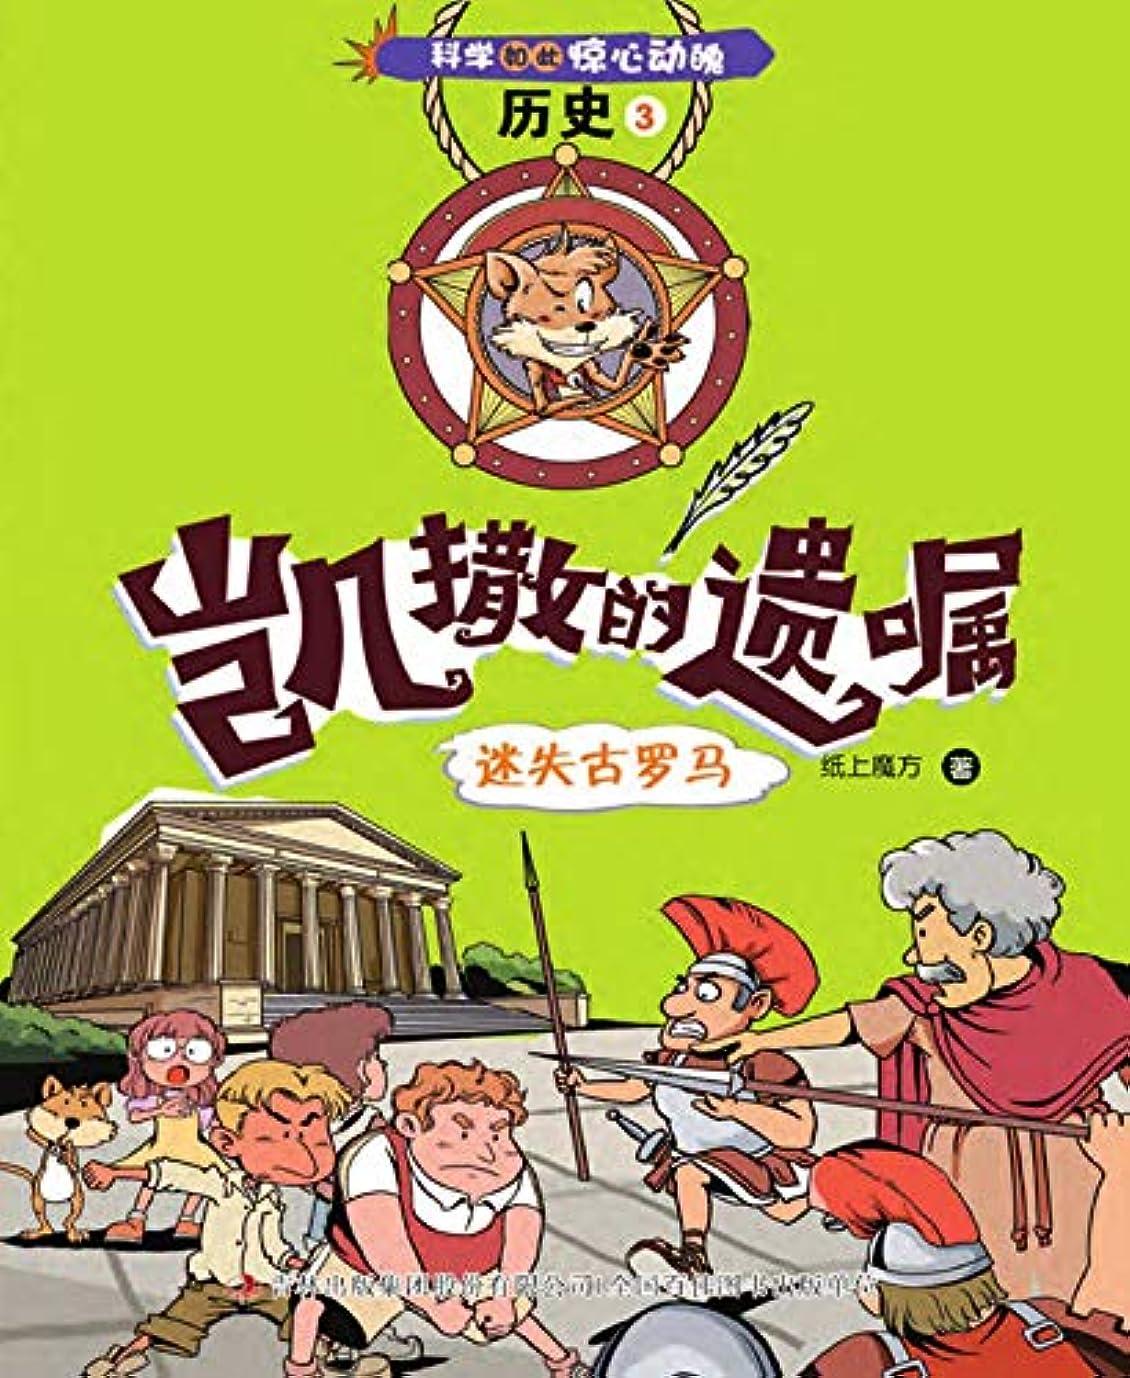 凯撒的遗嘱:迷失古罗马 (Chinese Edition)